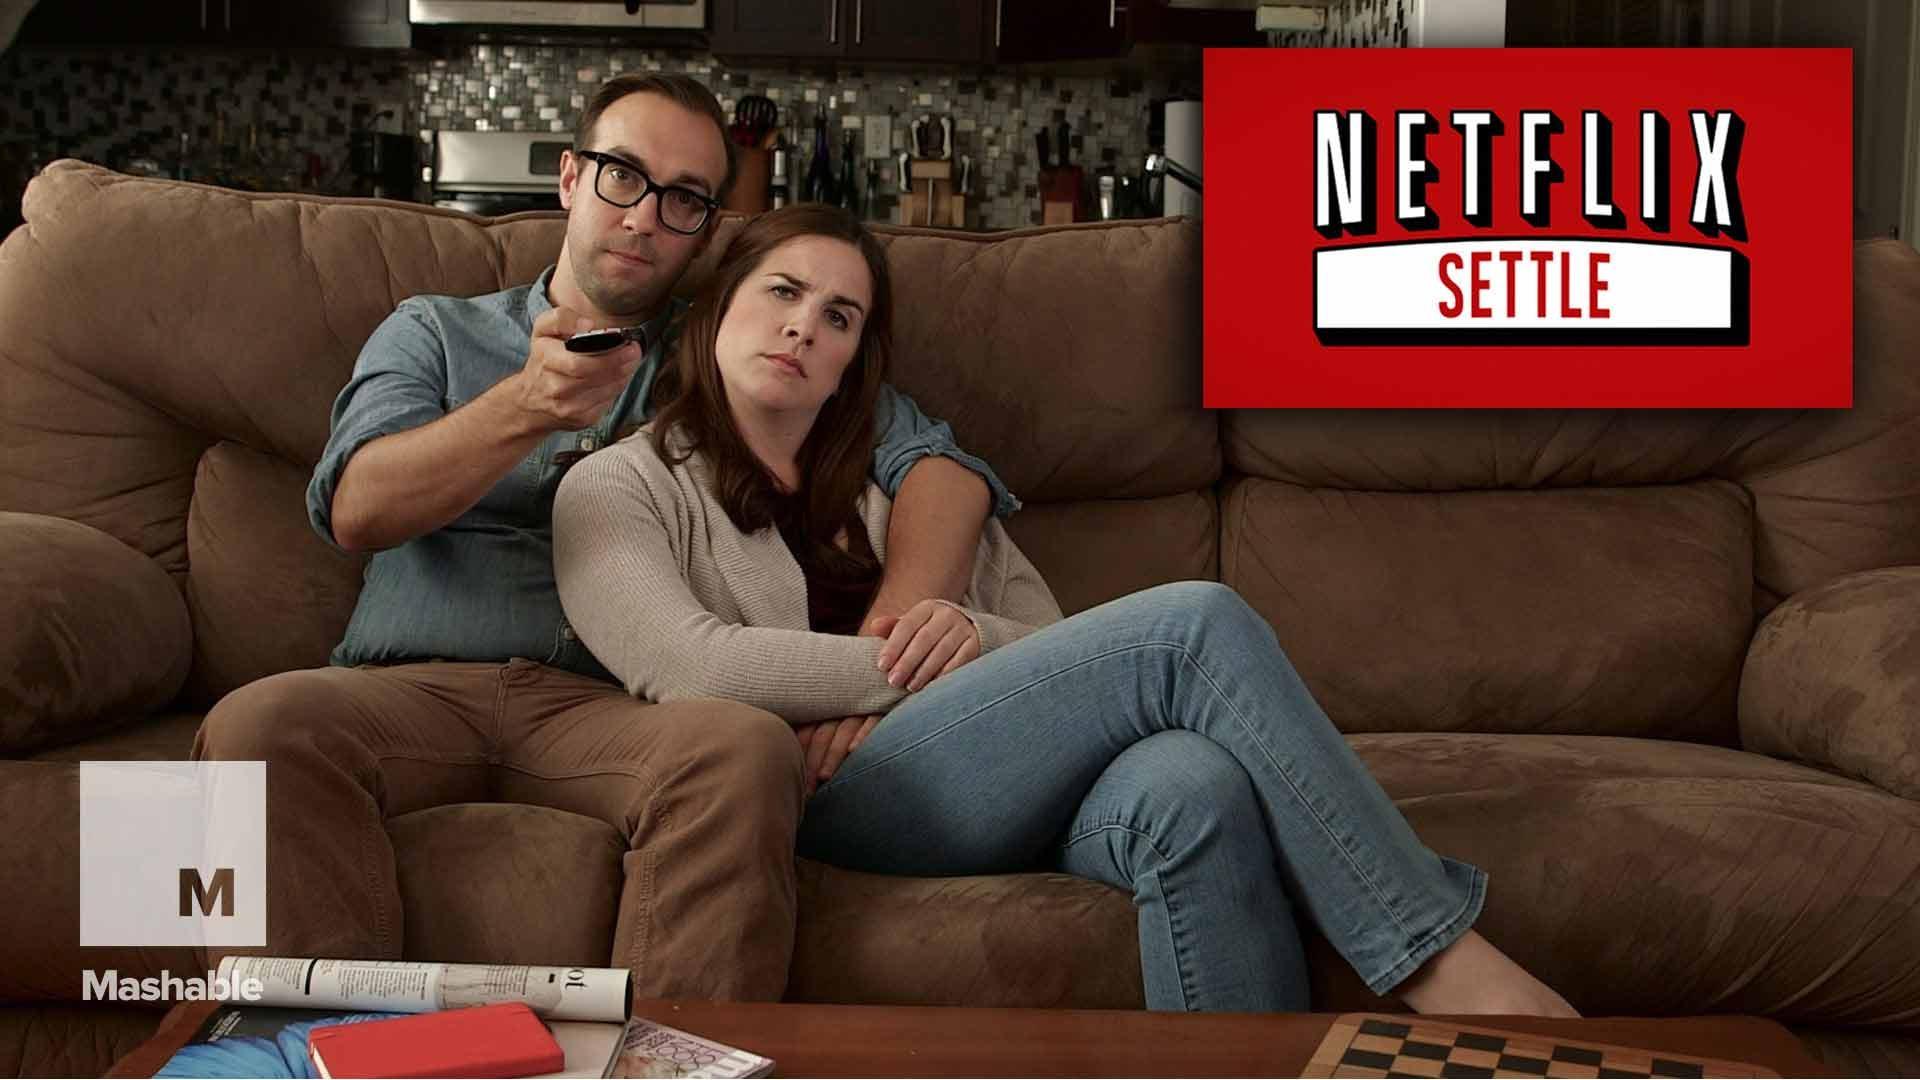 Netflix Settle